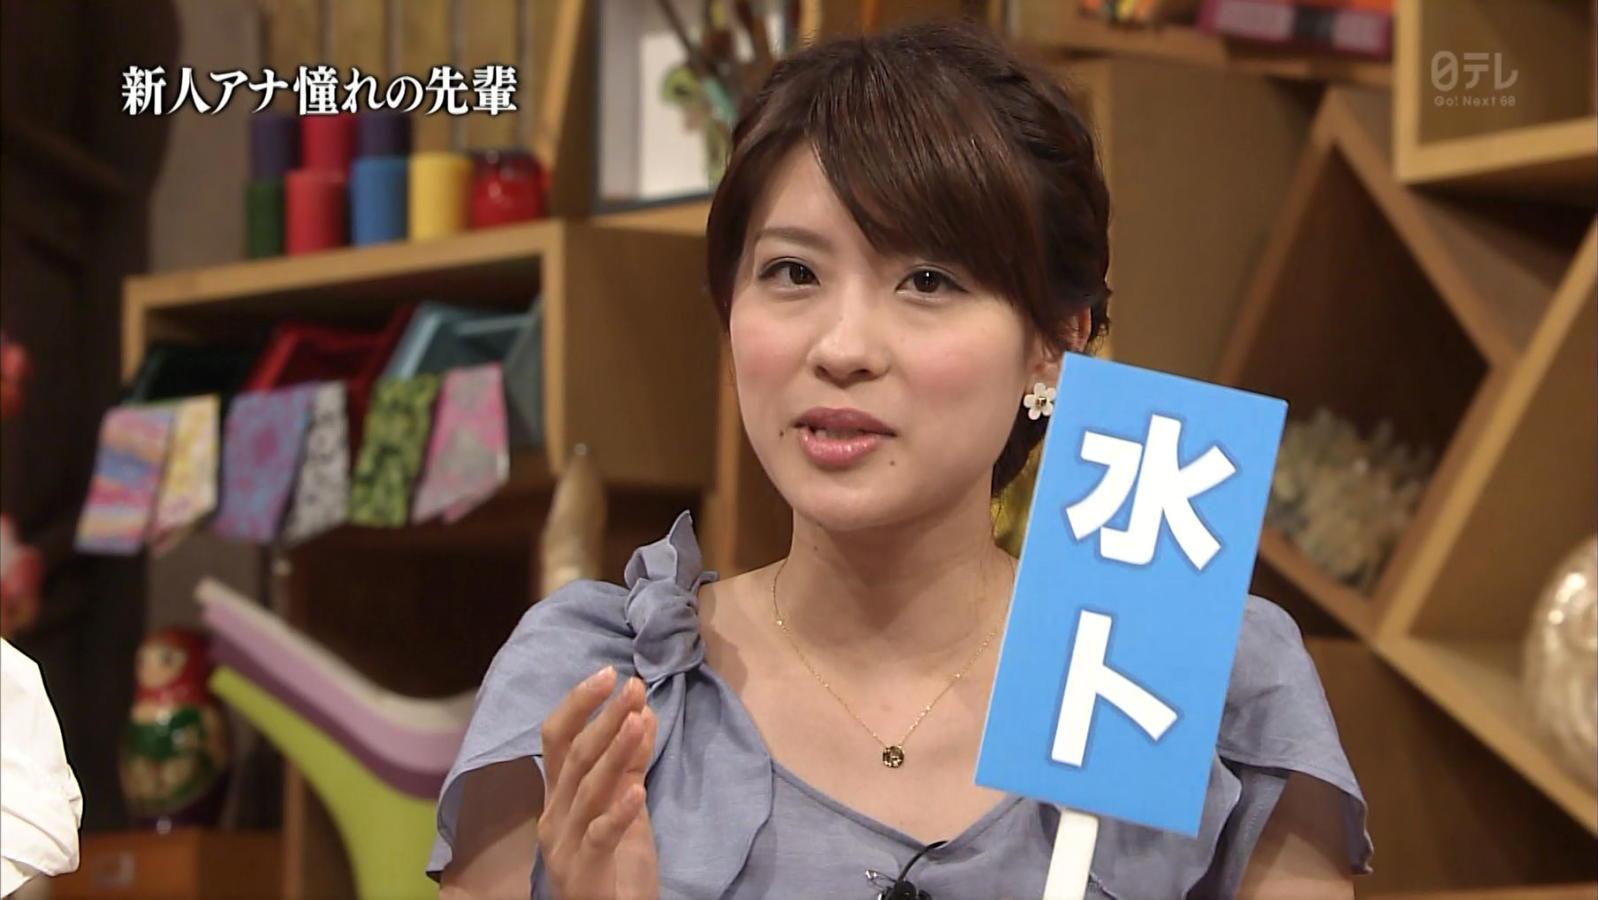 郡司恭子の画像 p1_32